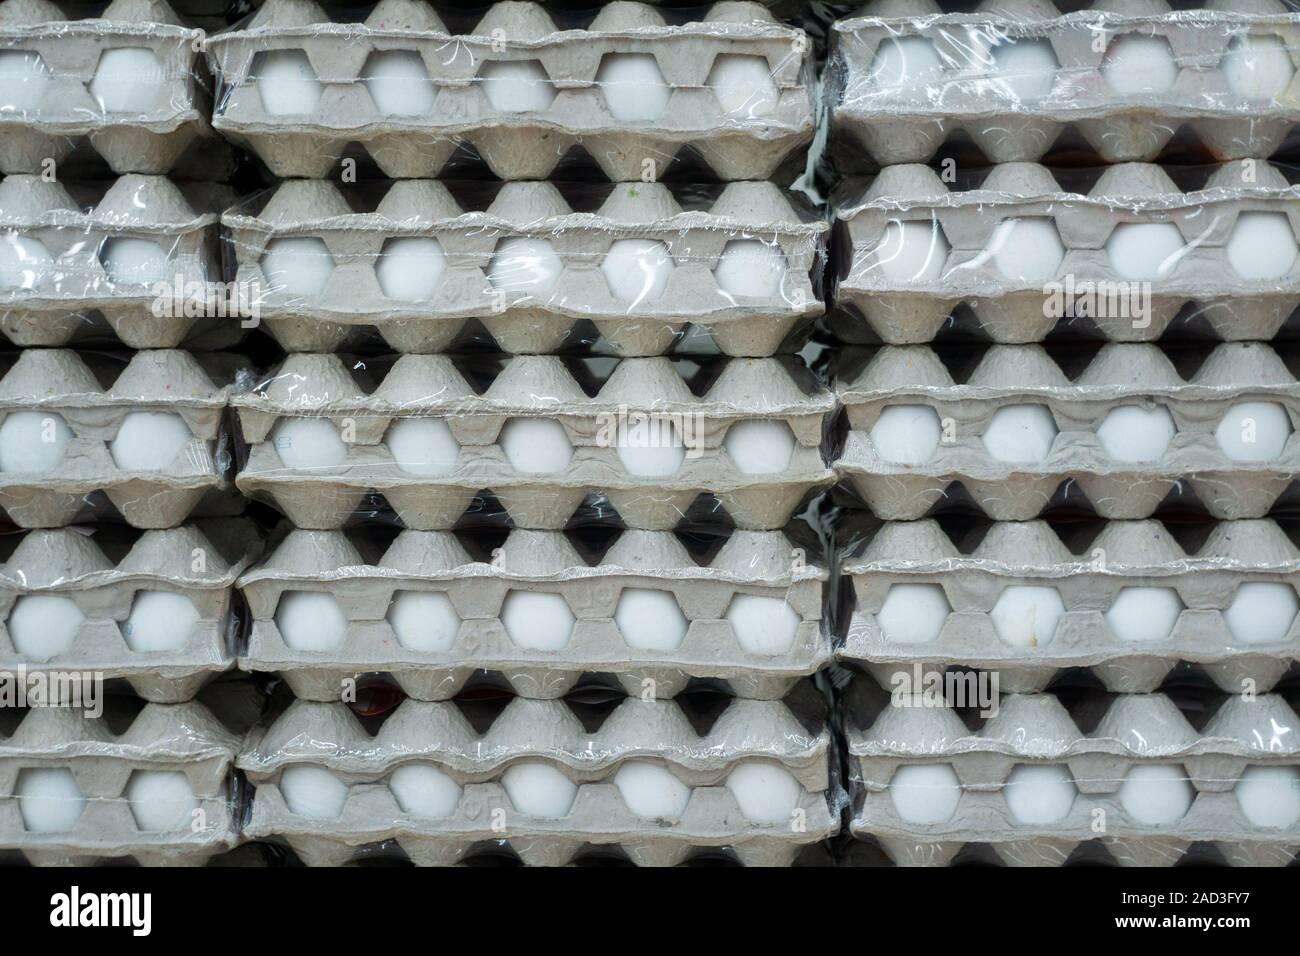 Viele Felder von Eiern auf Supermarkt Regal für Verkauf angezeigt. Stockfoto